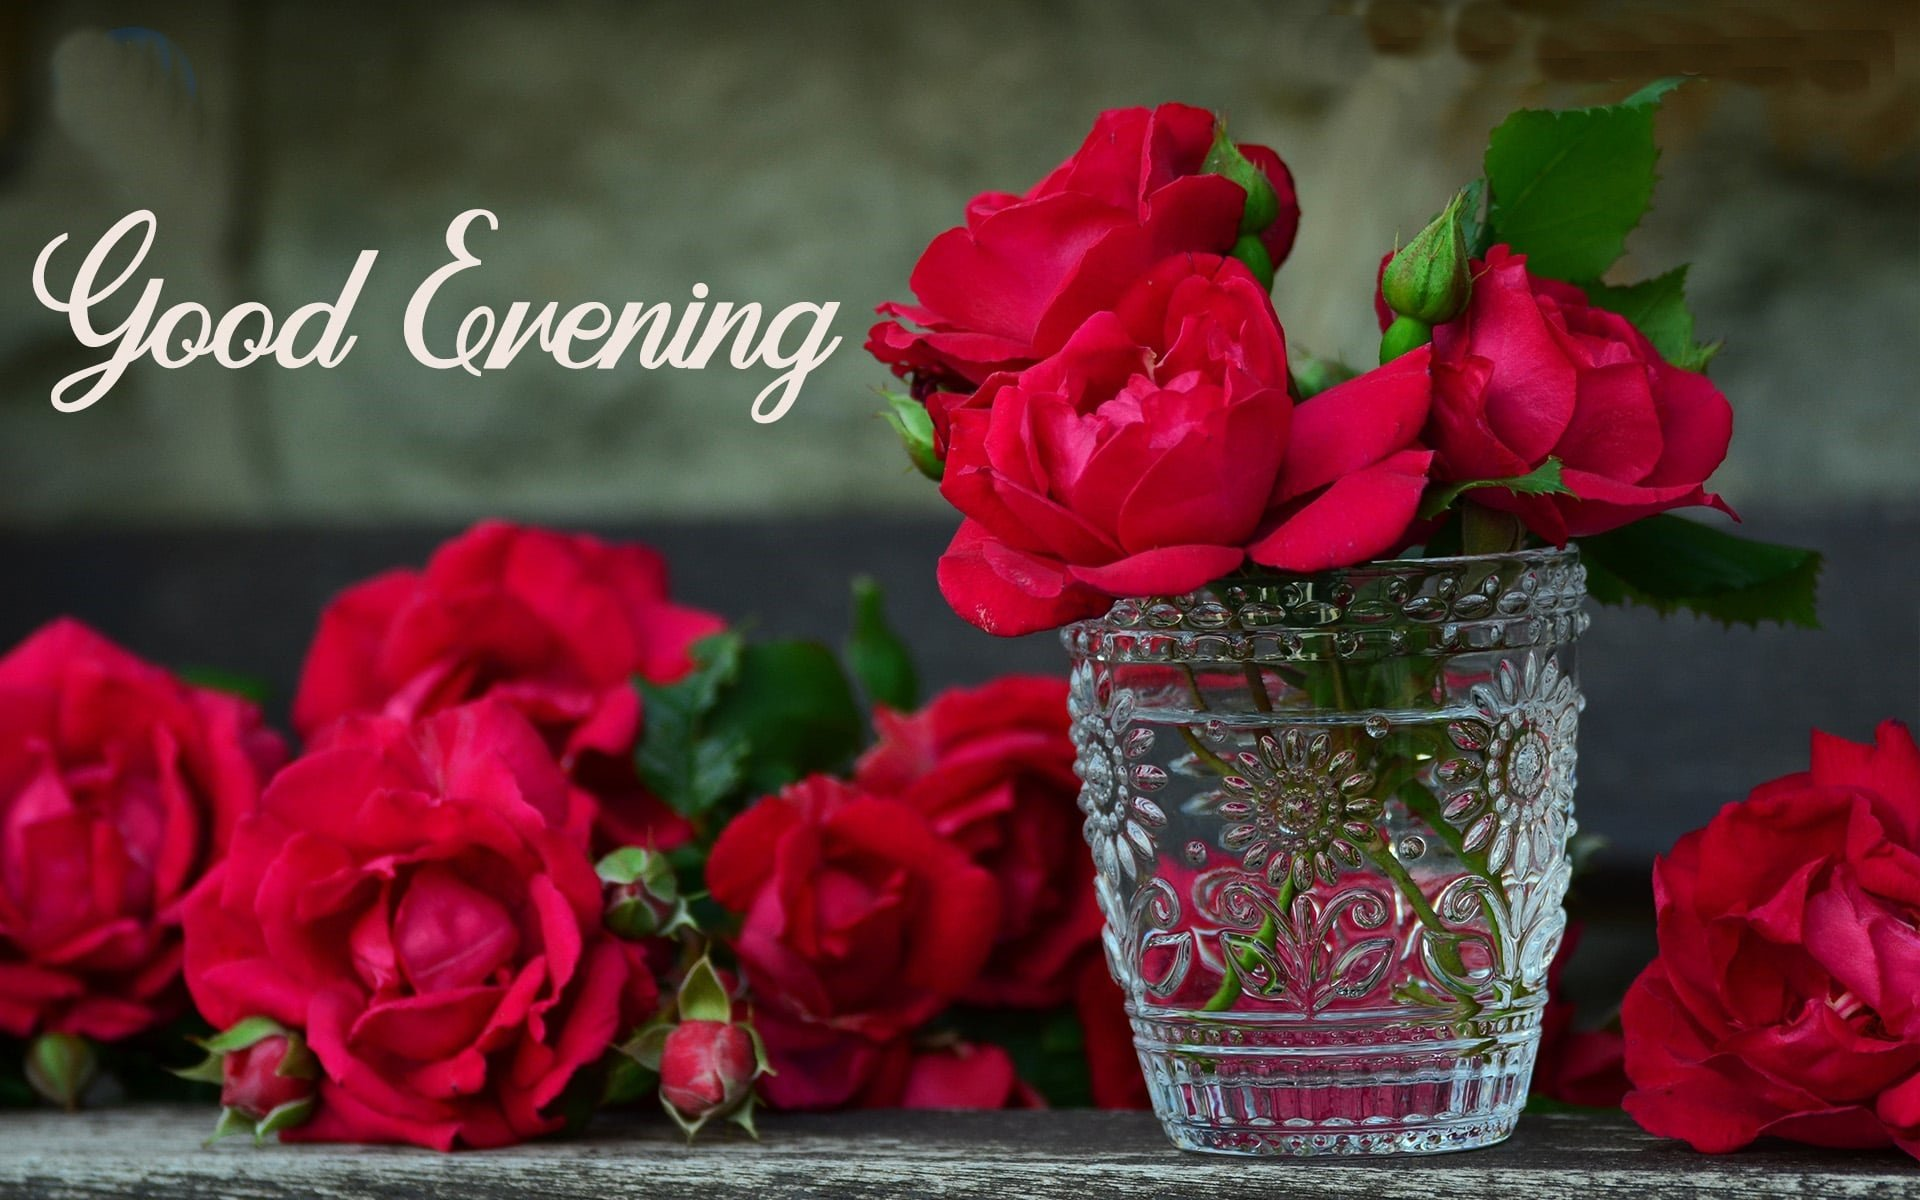 Good Evening SMS Text